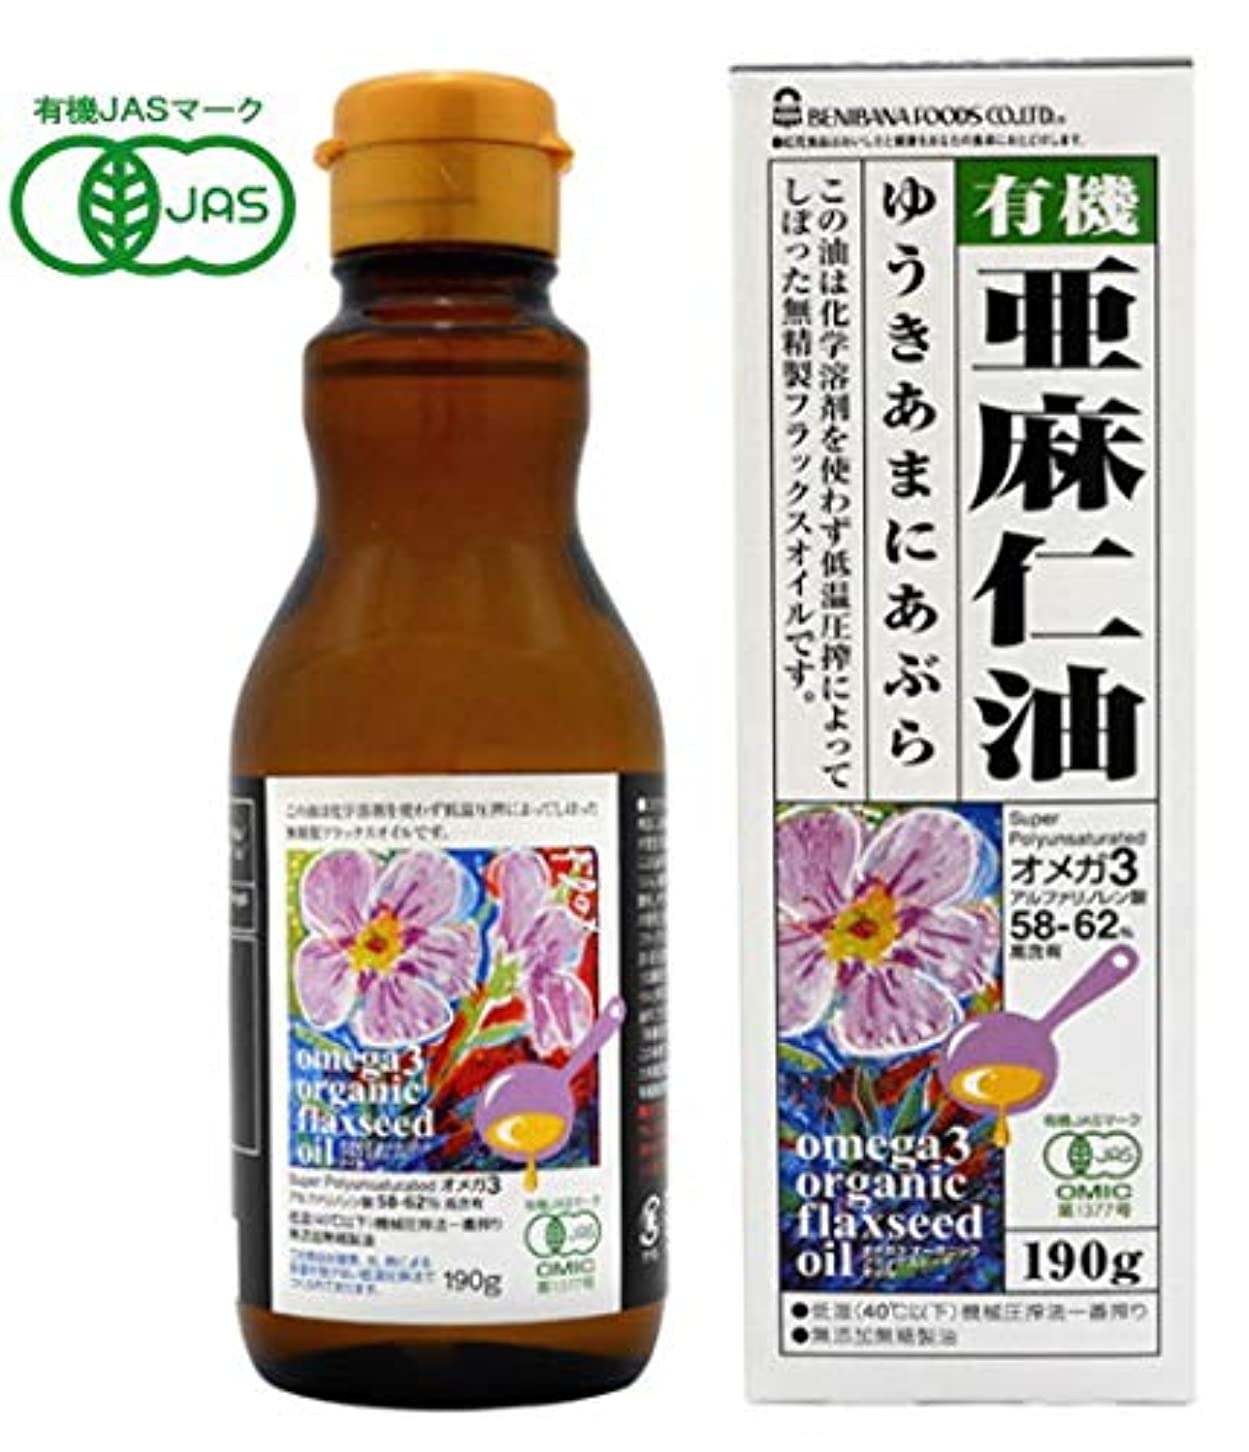 あいまいベスト初期紅花食品 有機亜麻仁油(オーガニックフラックスシードオイル)190g×3本セット